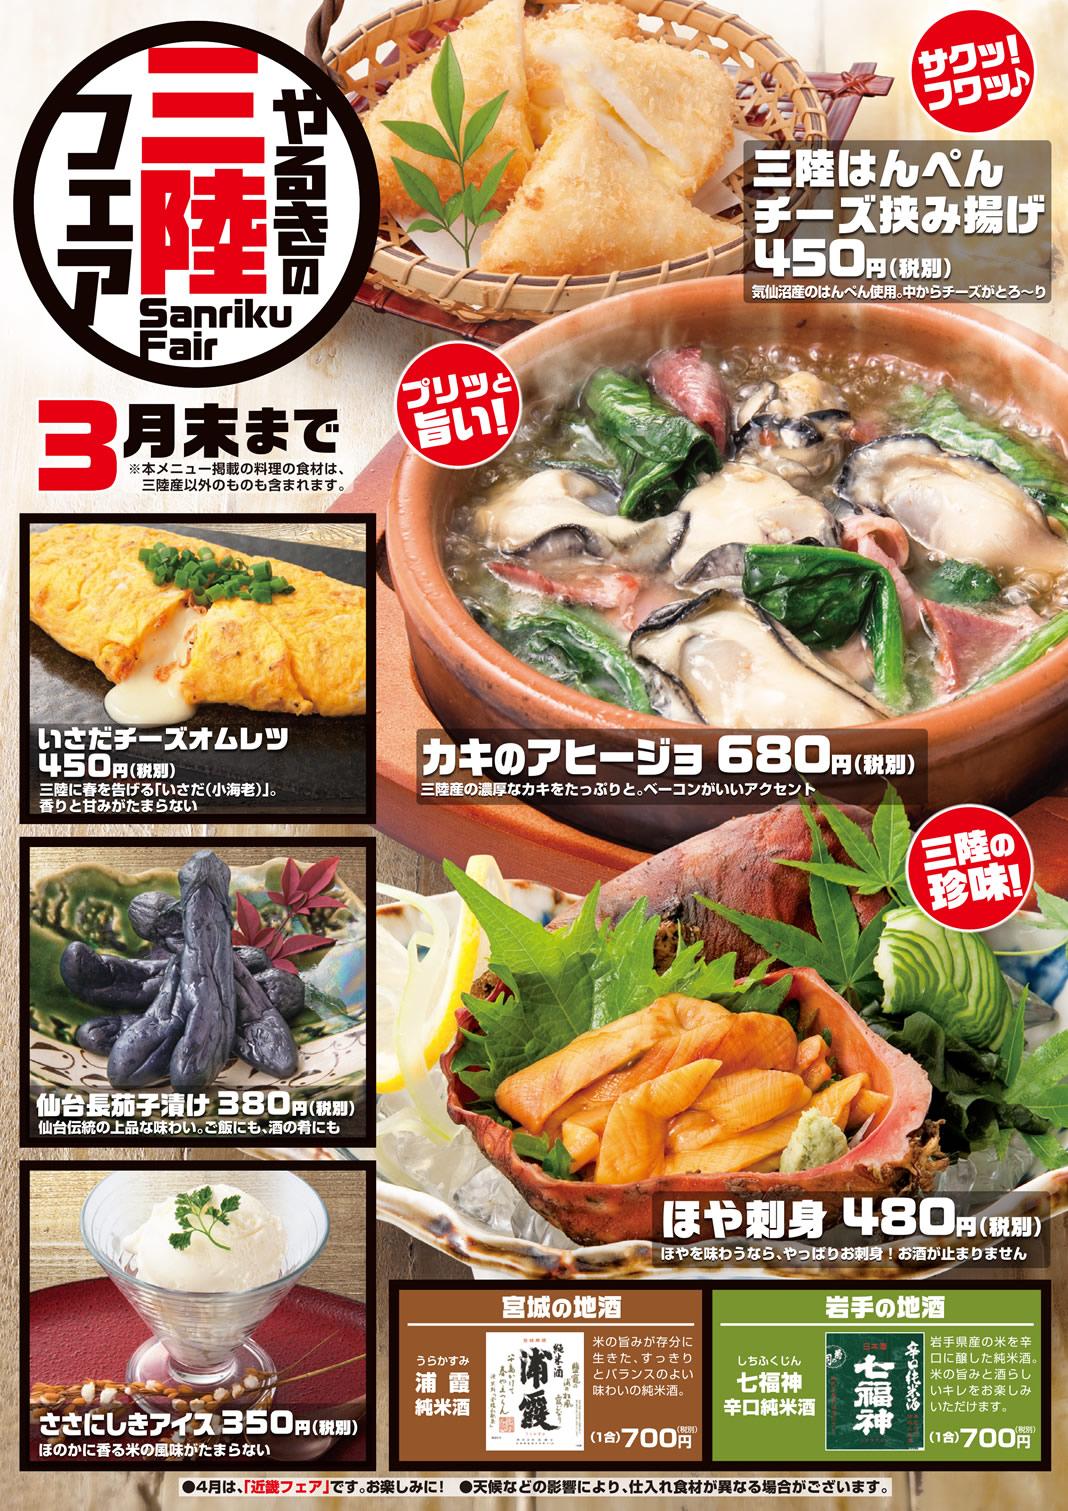 【やるき茶屋】三陸フェア開催!! 豊かな山海の恵みを堪能!